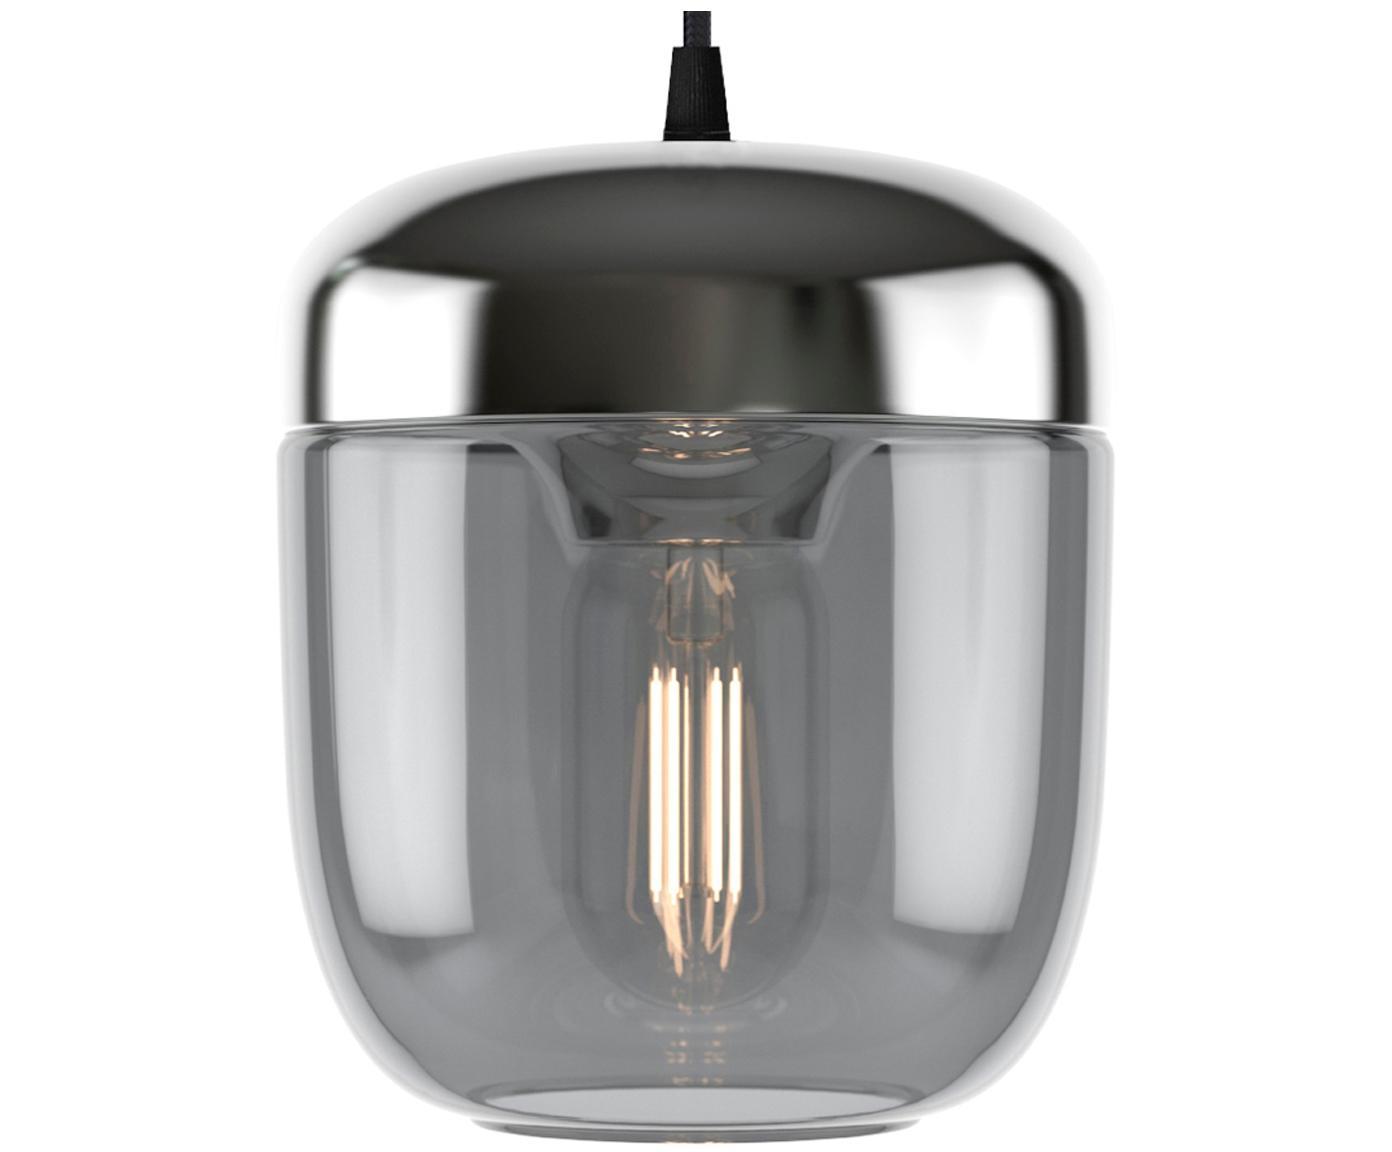 Lámpara de techo pequeña Acorn, Anclaje: silicona, Cable: cubierto en tela, Gris, aluminio, Ø 14 x Al 16 cm